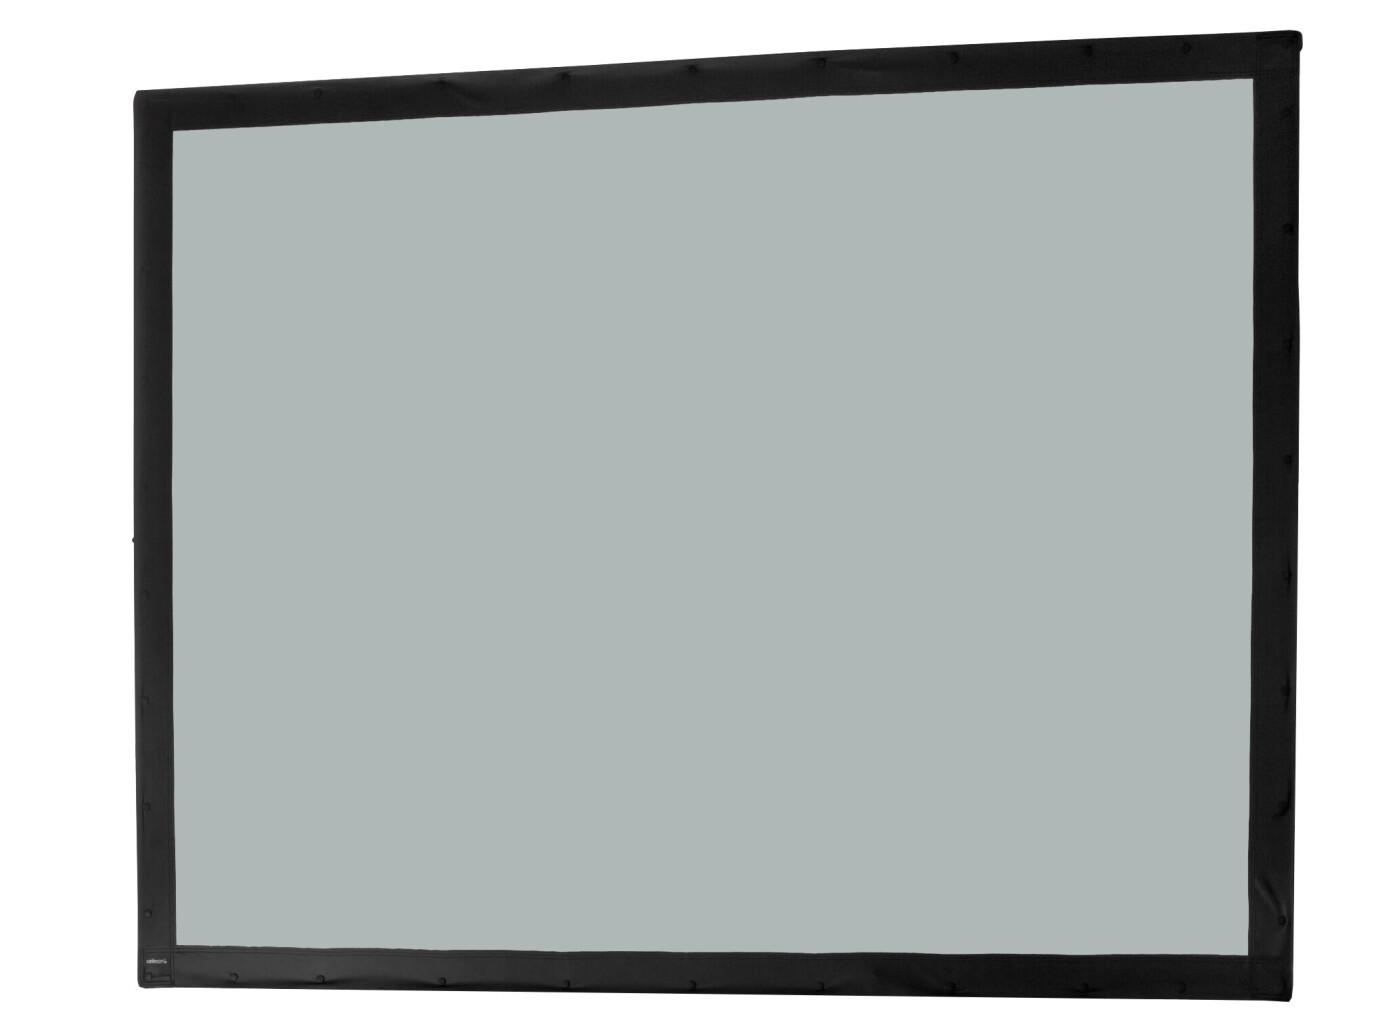 """Toile 406 x 305 cm - Rétroprojection pour Ecran de projection sur Cadre celexon """"Mobile Expert"""""""